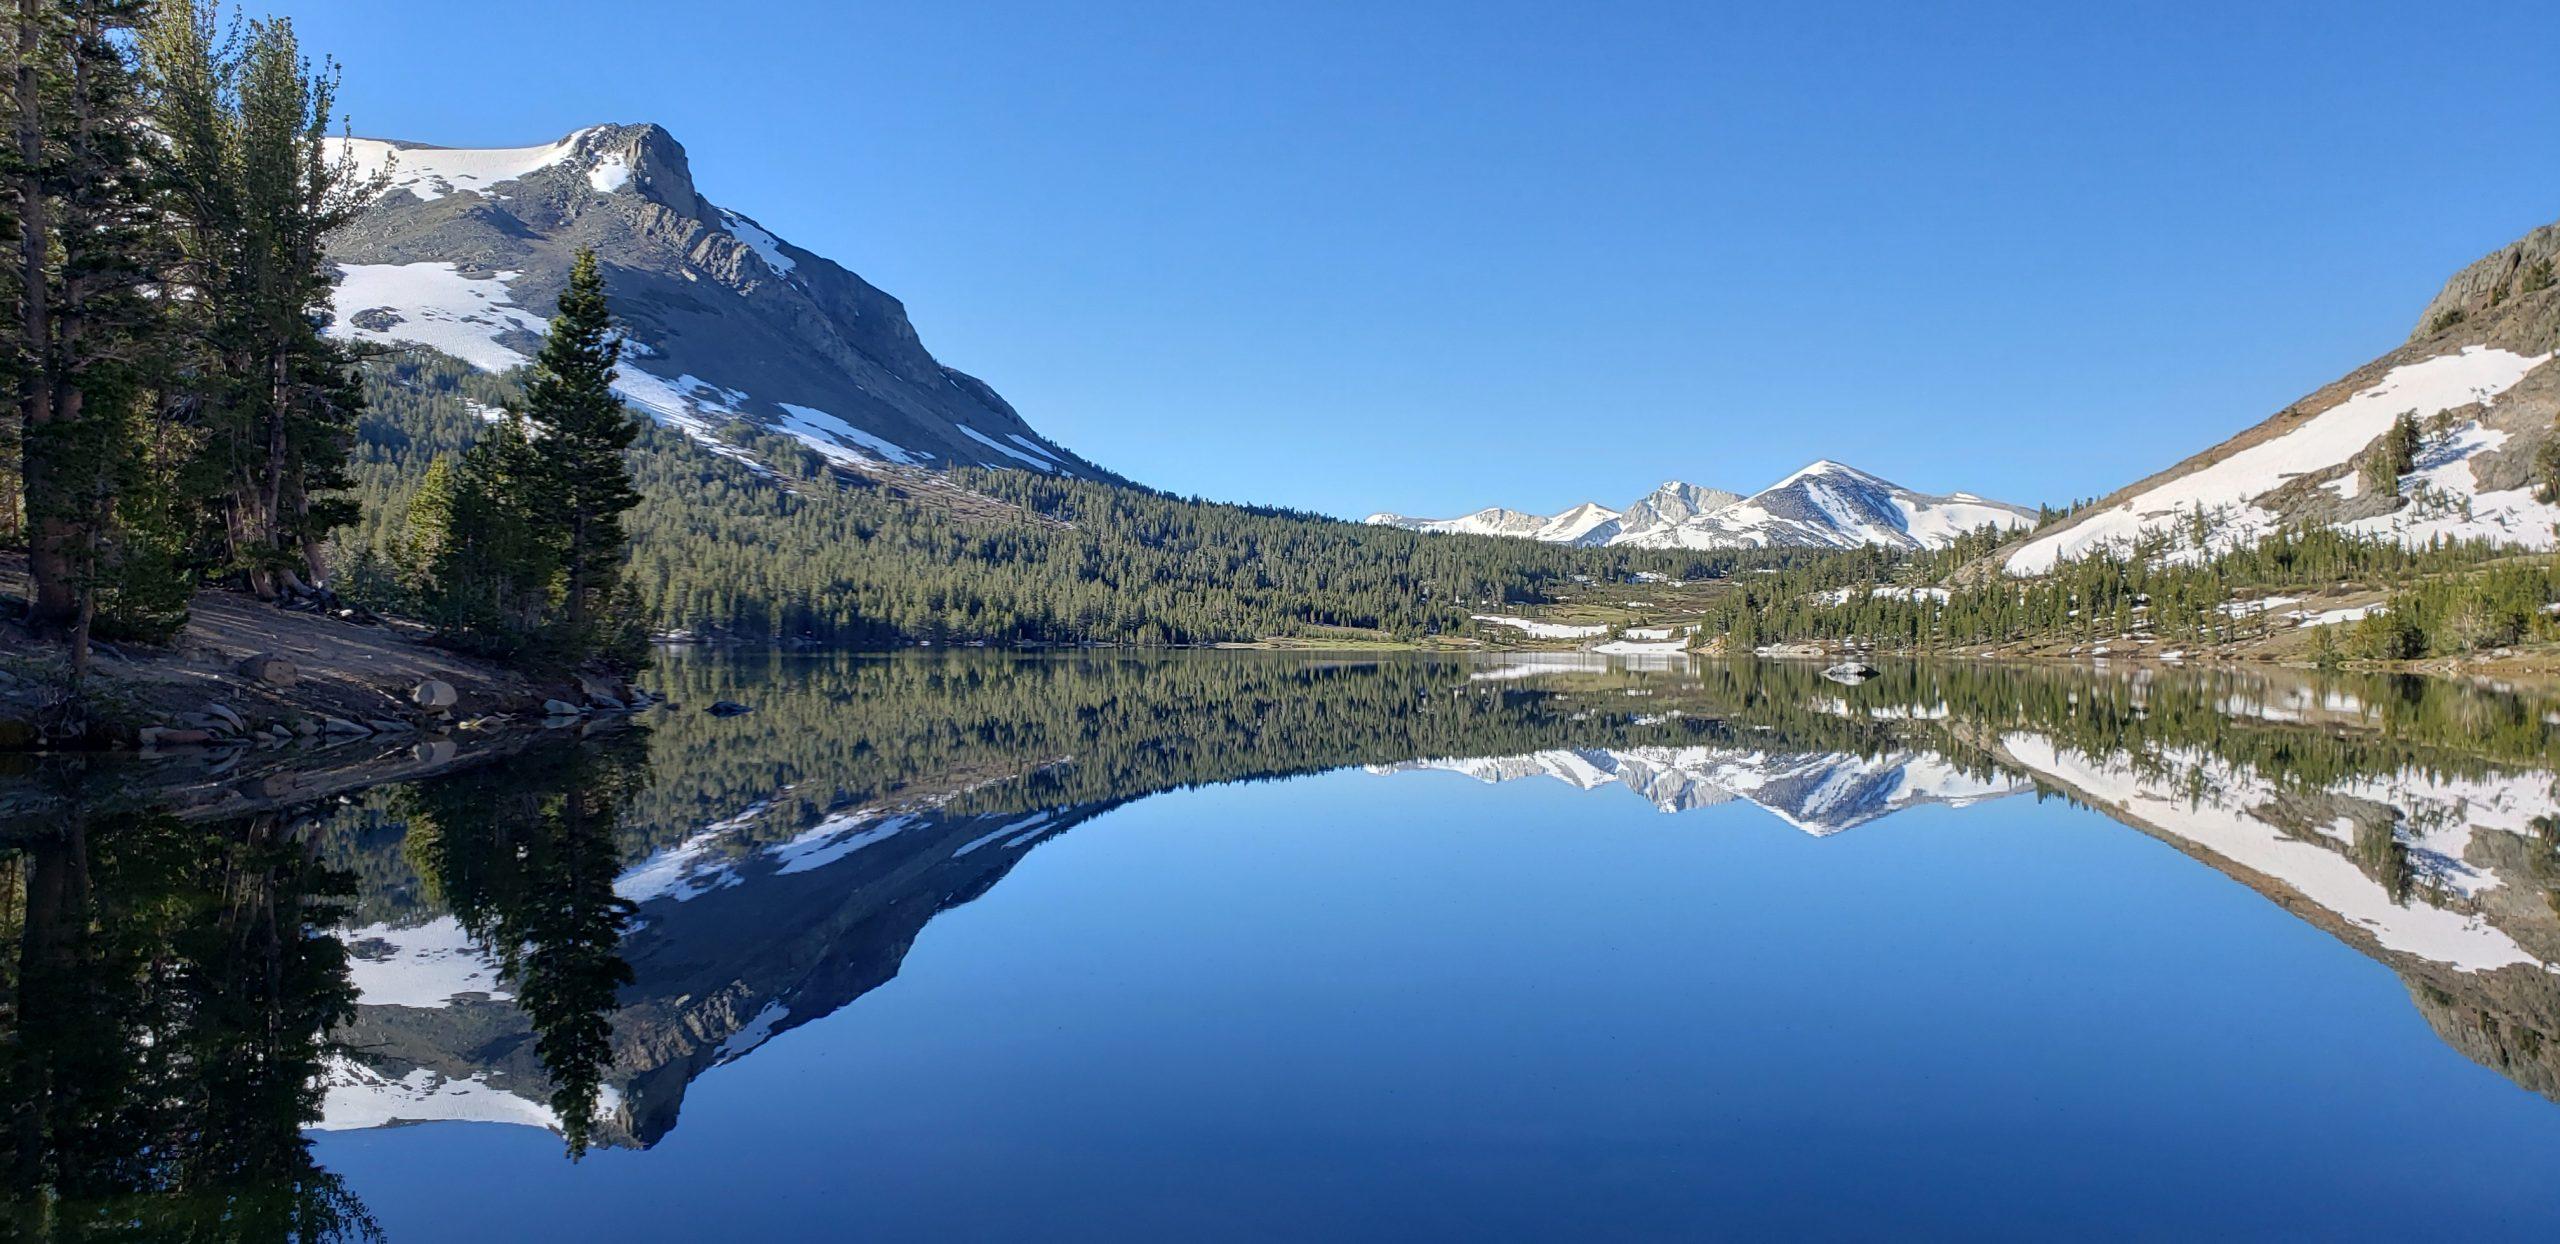 Tioga Mountain Reflections